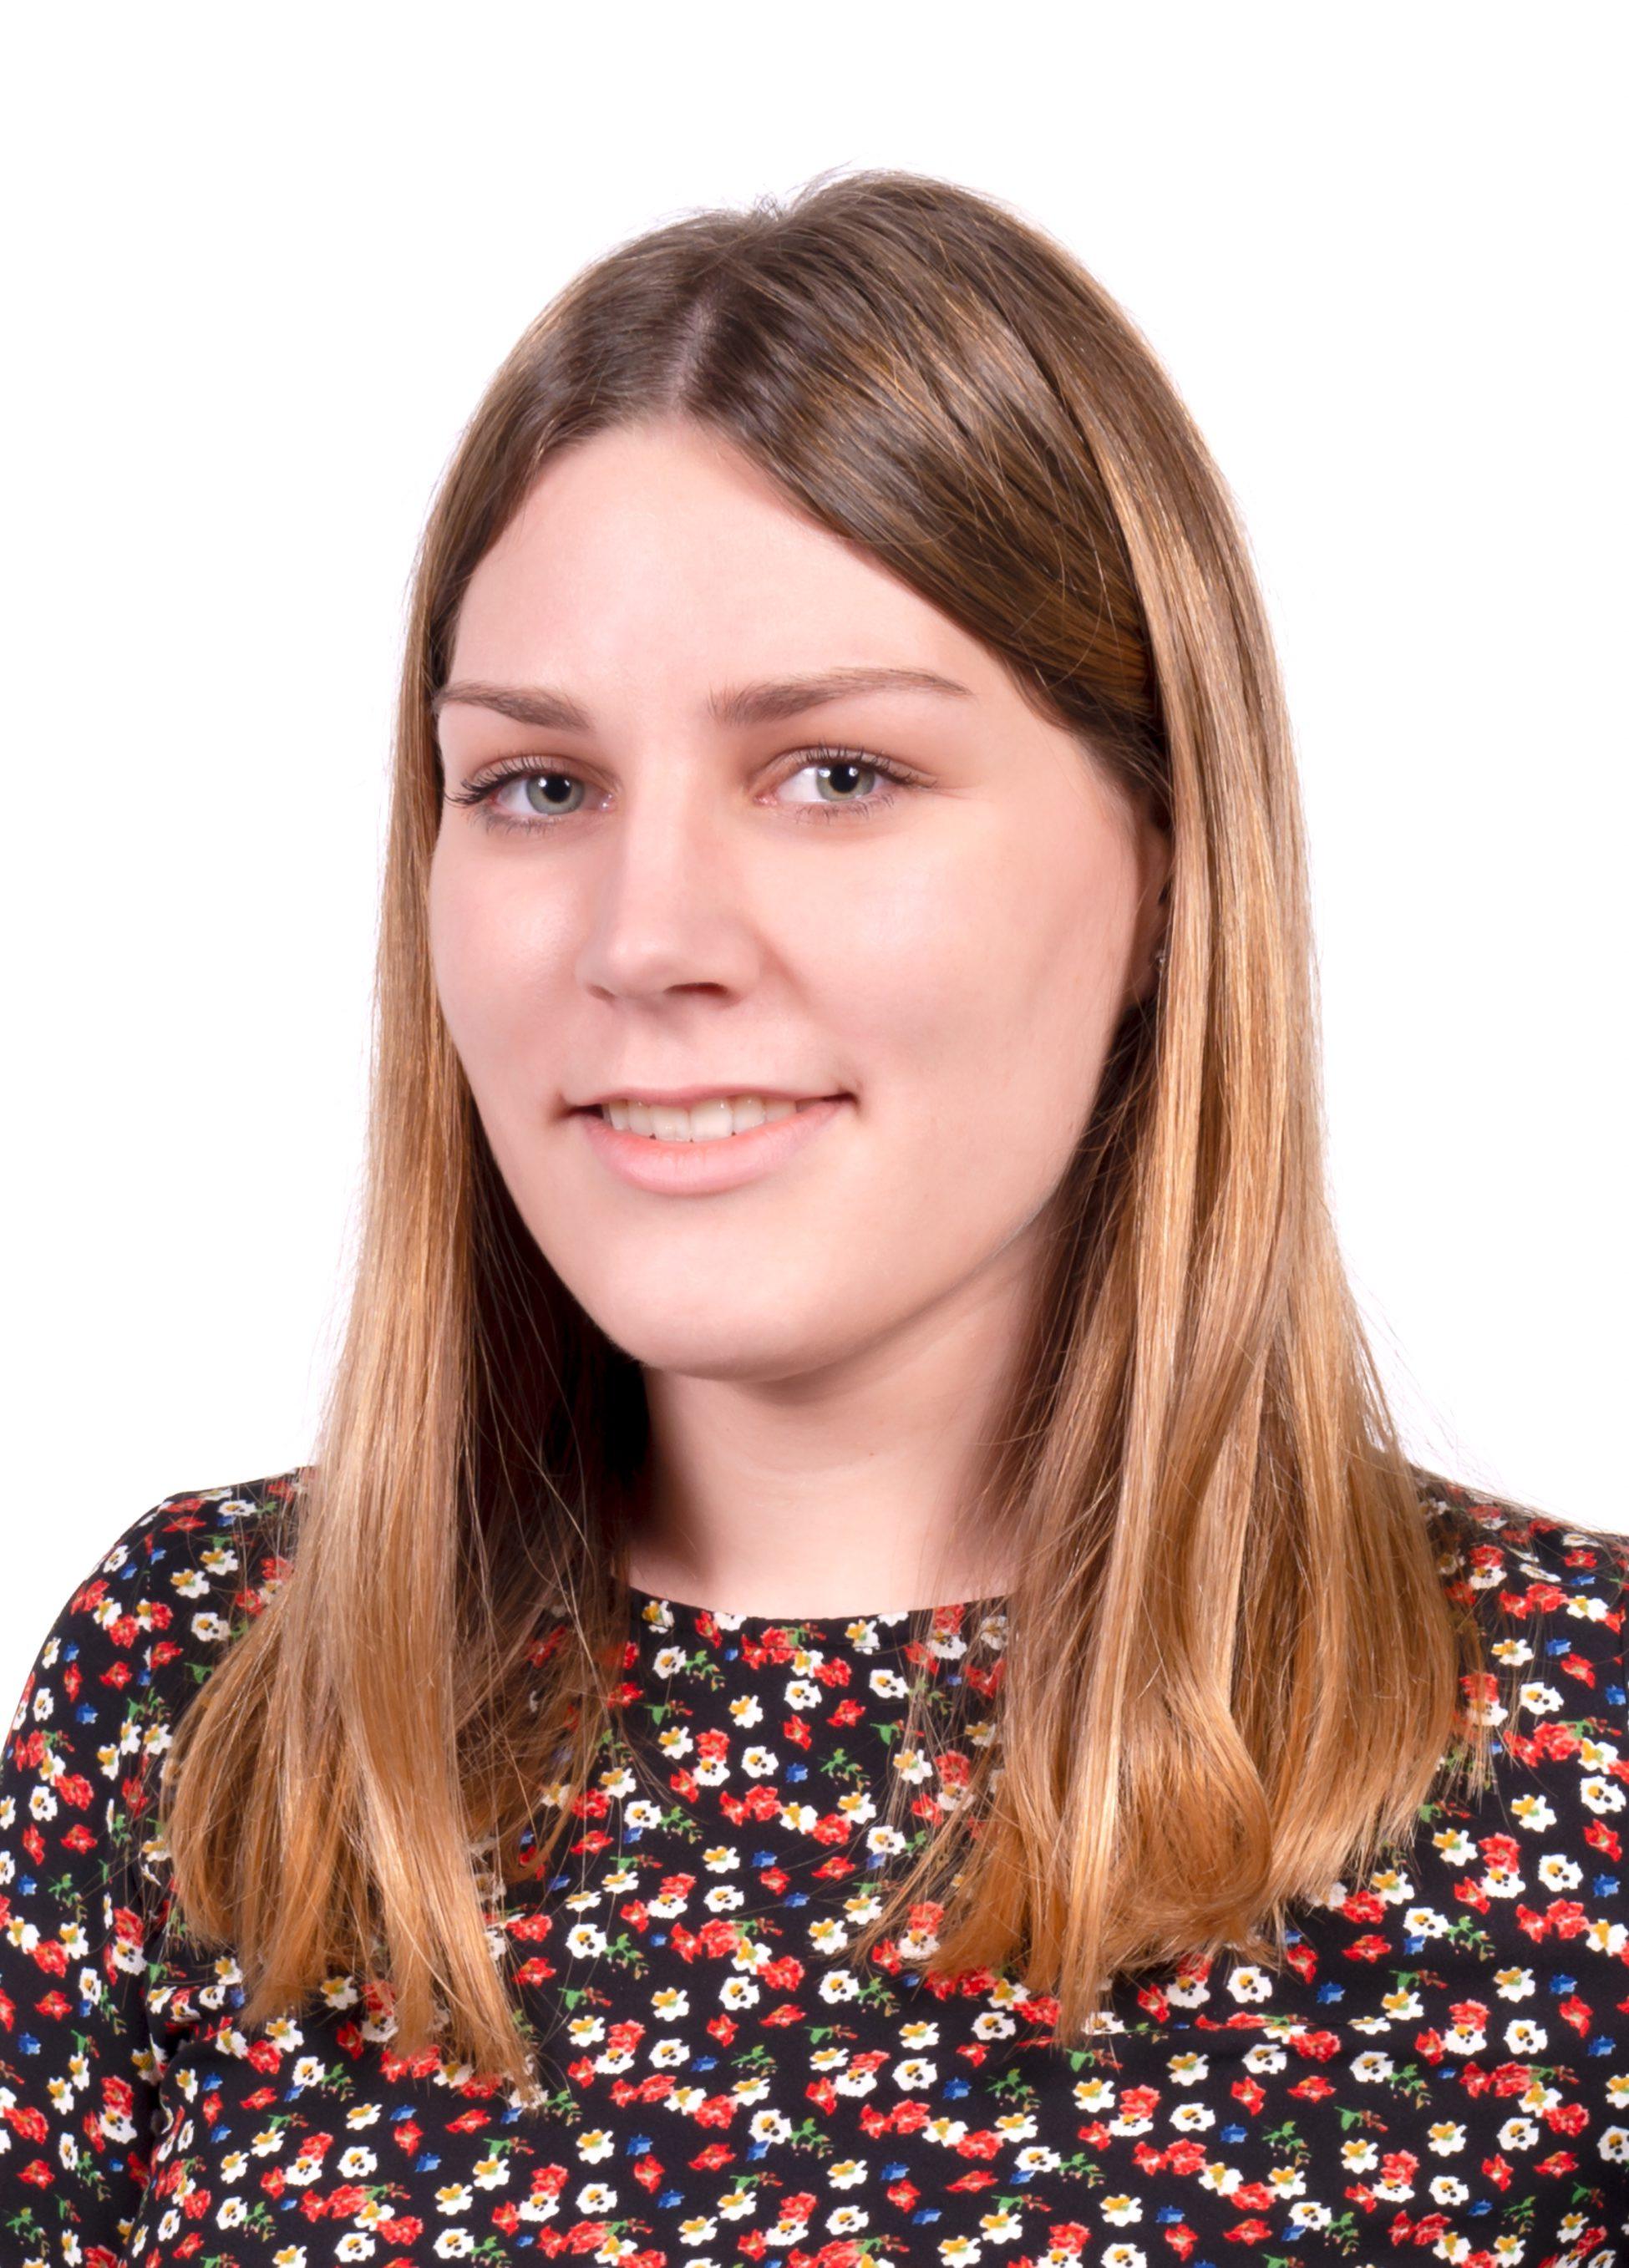 Sara Tončinić, BSc Graduate Research Intern